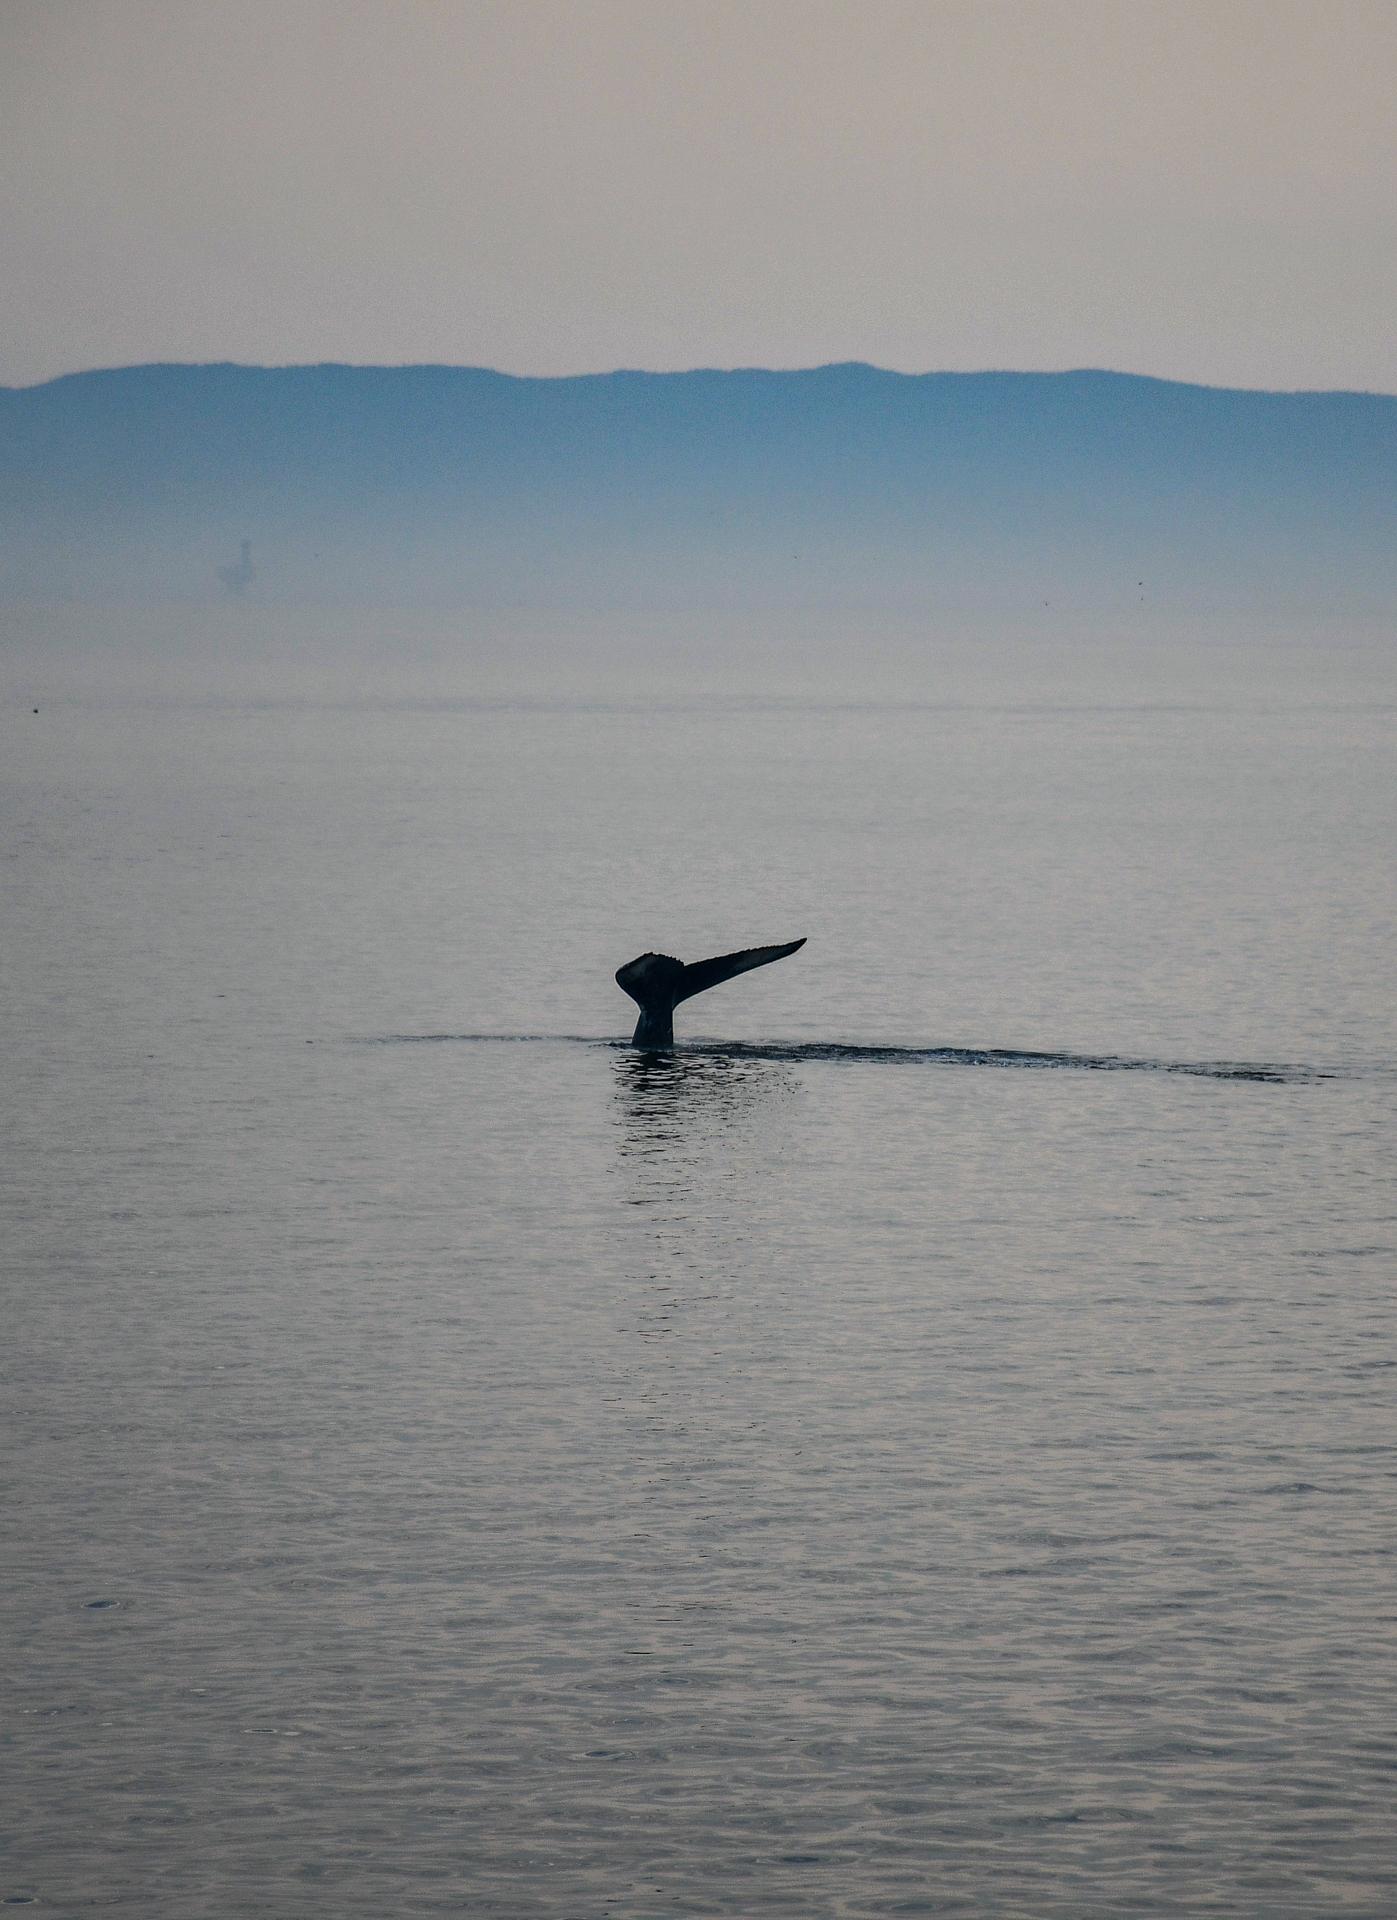 Bruma sobre el río Saint-Laurent y una ballena deja ver su cola. Parque Marino Saguenay-Saint-Laurent, Quebec, Canadá.